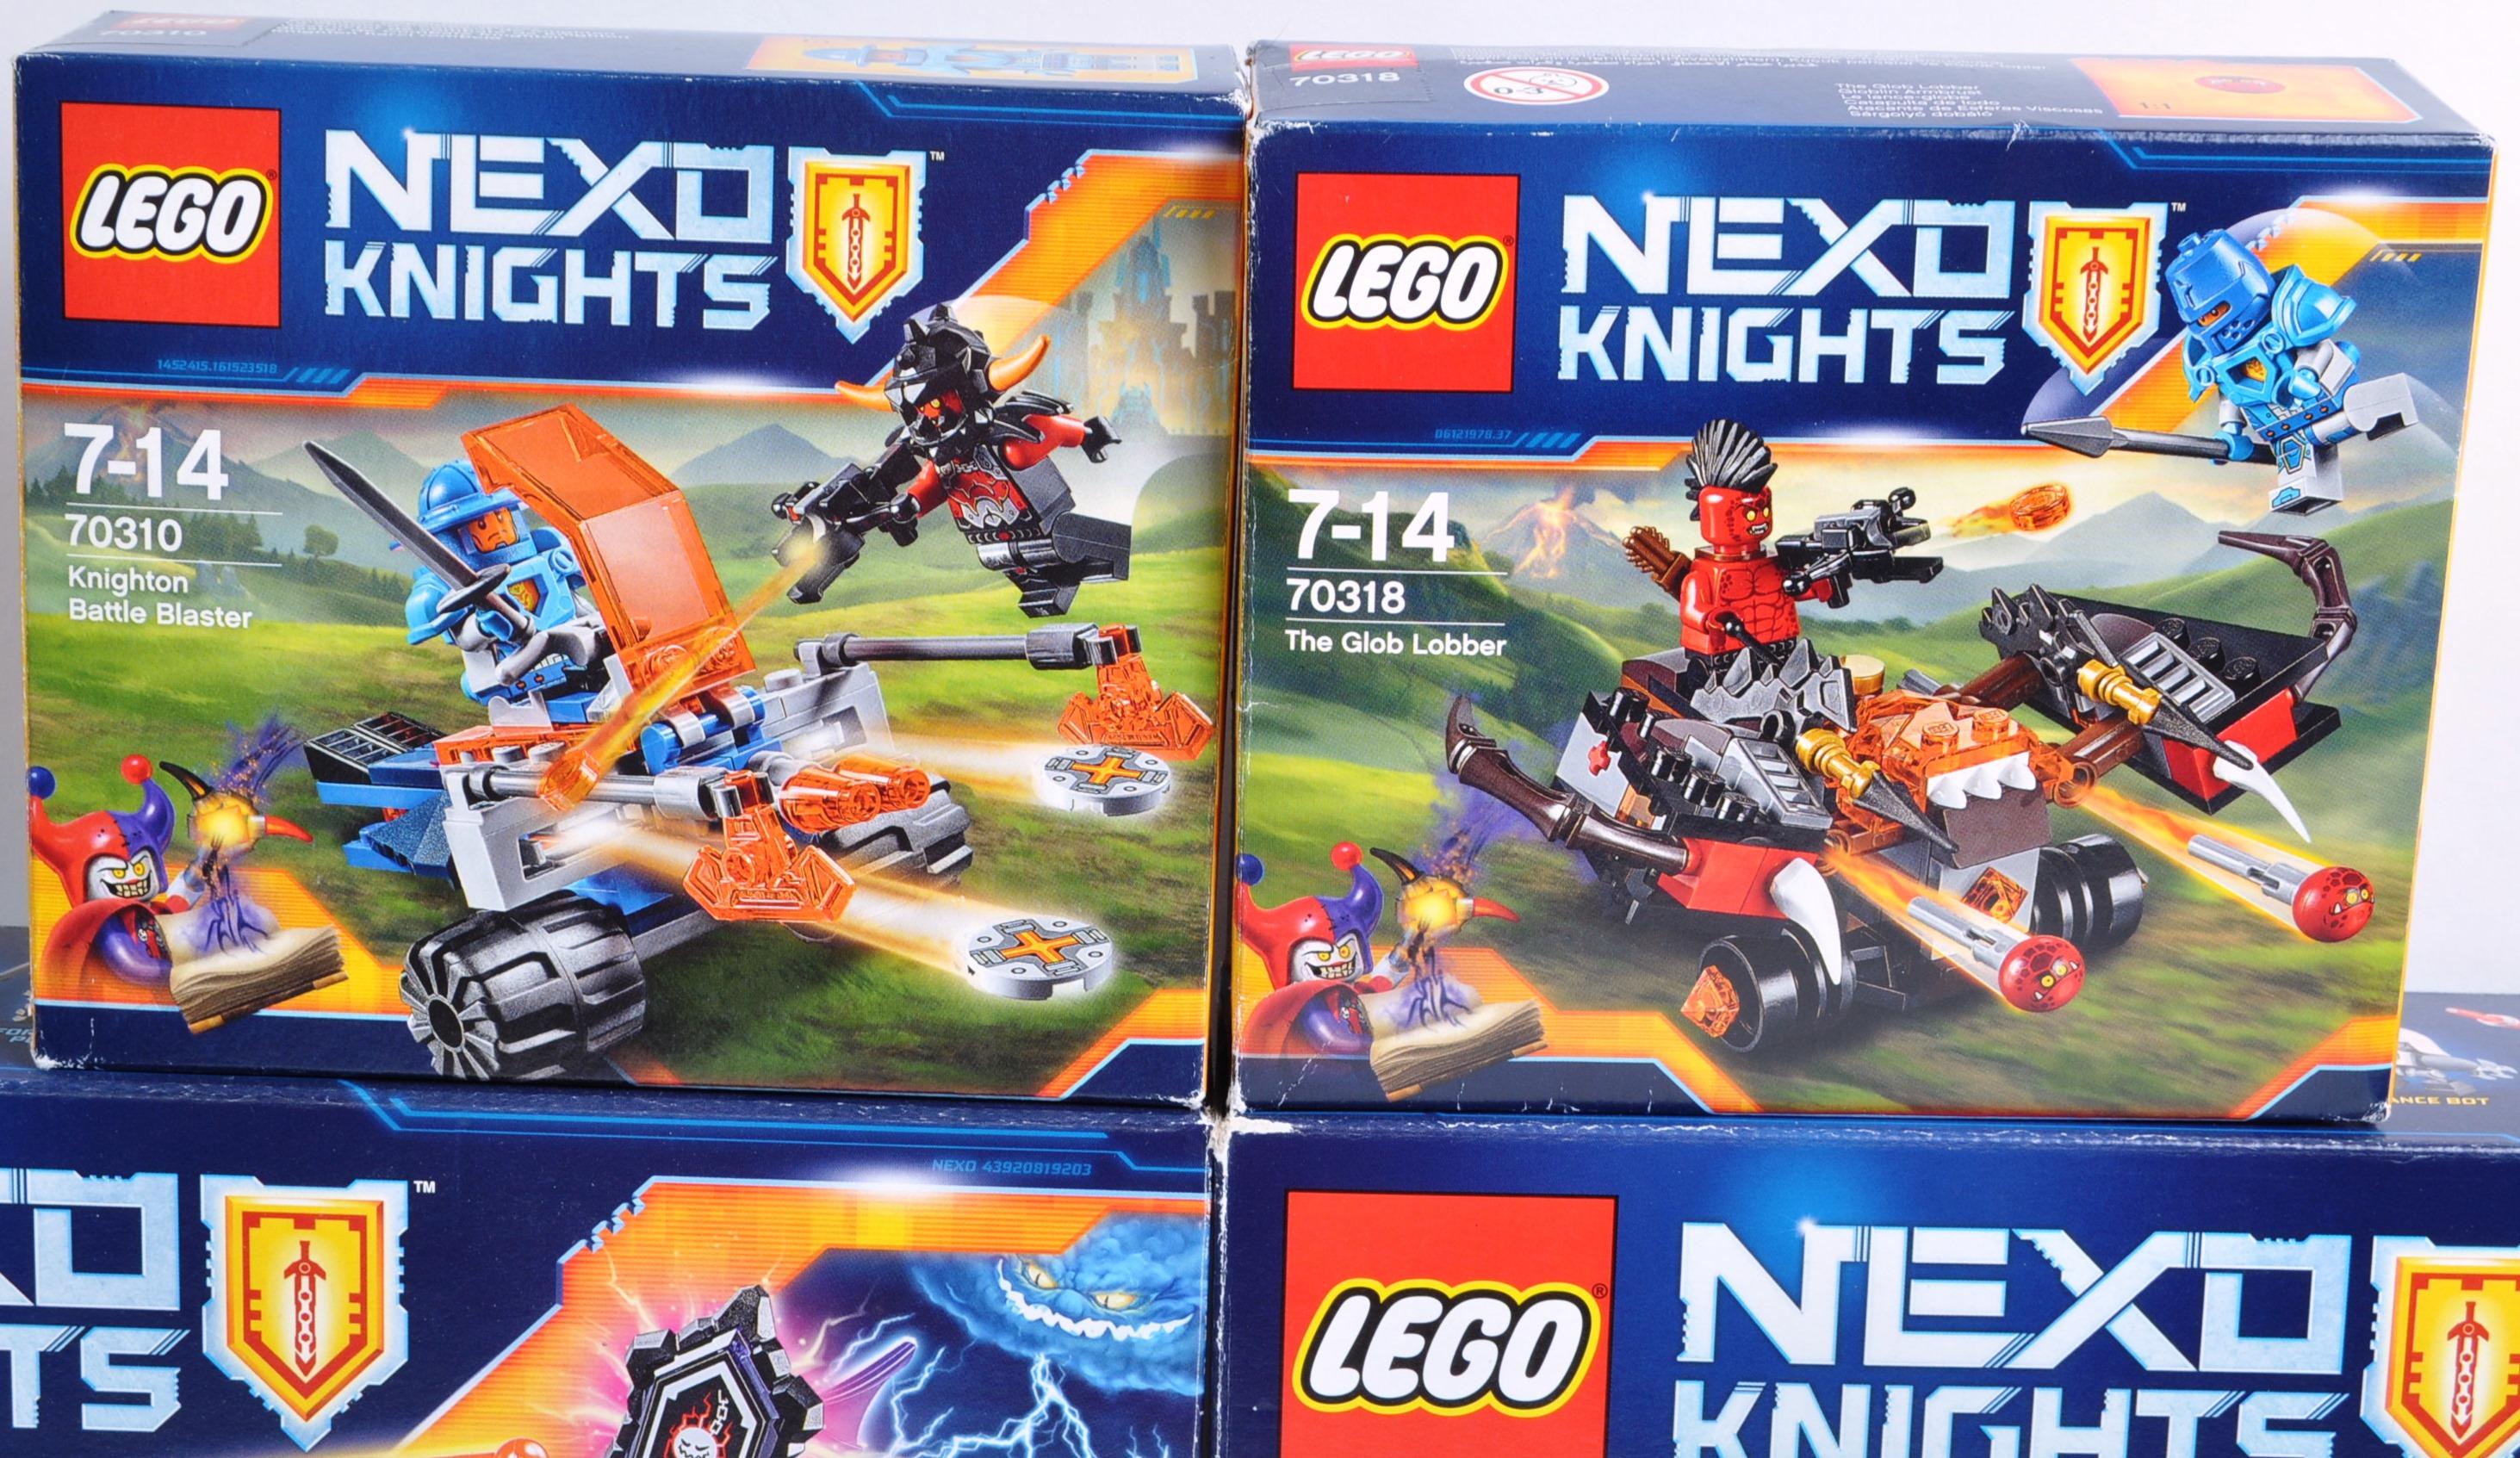 LEGO SETS - LEGO NEXO KNIGHTS - Image 4 of 6